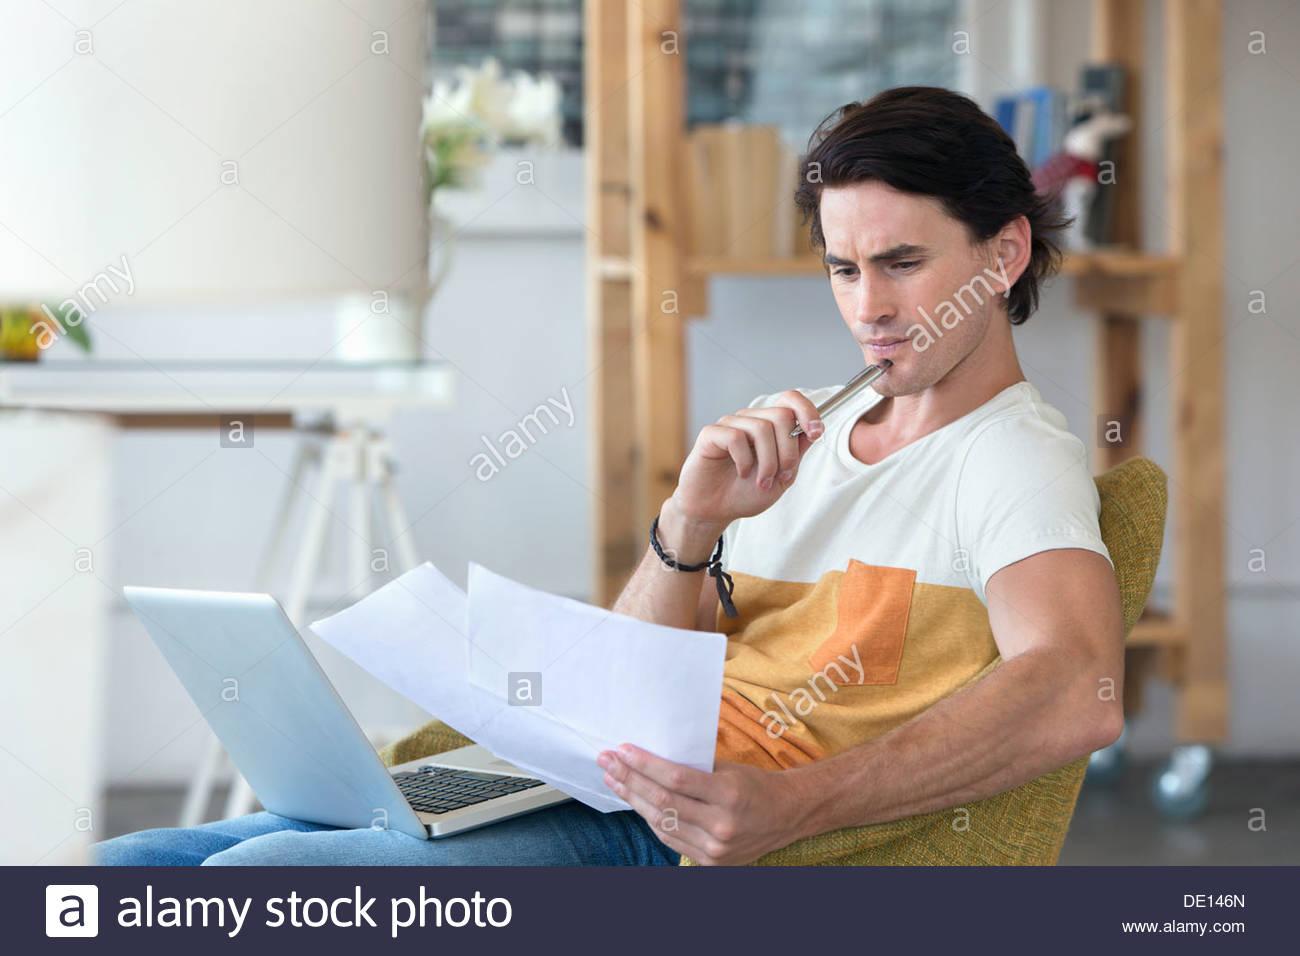 Interessato Uomo con notebook che guarda la documentazione in poltrona Immagini Stock